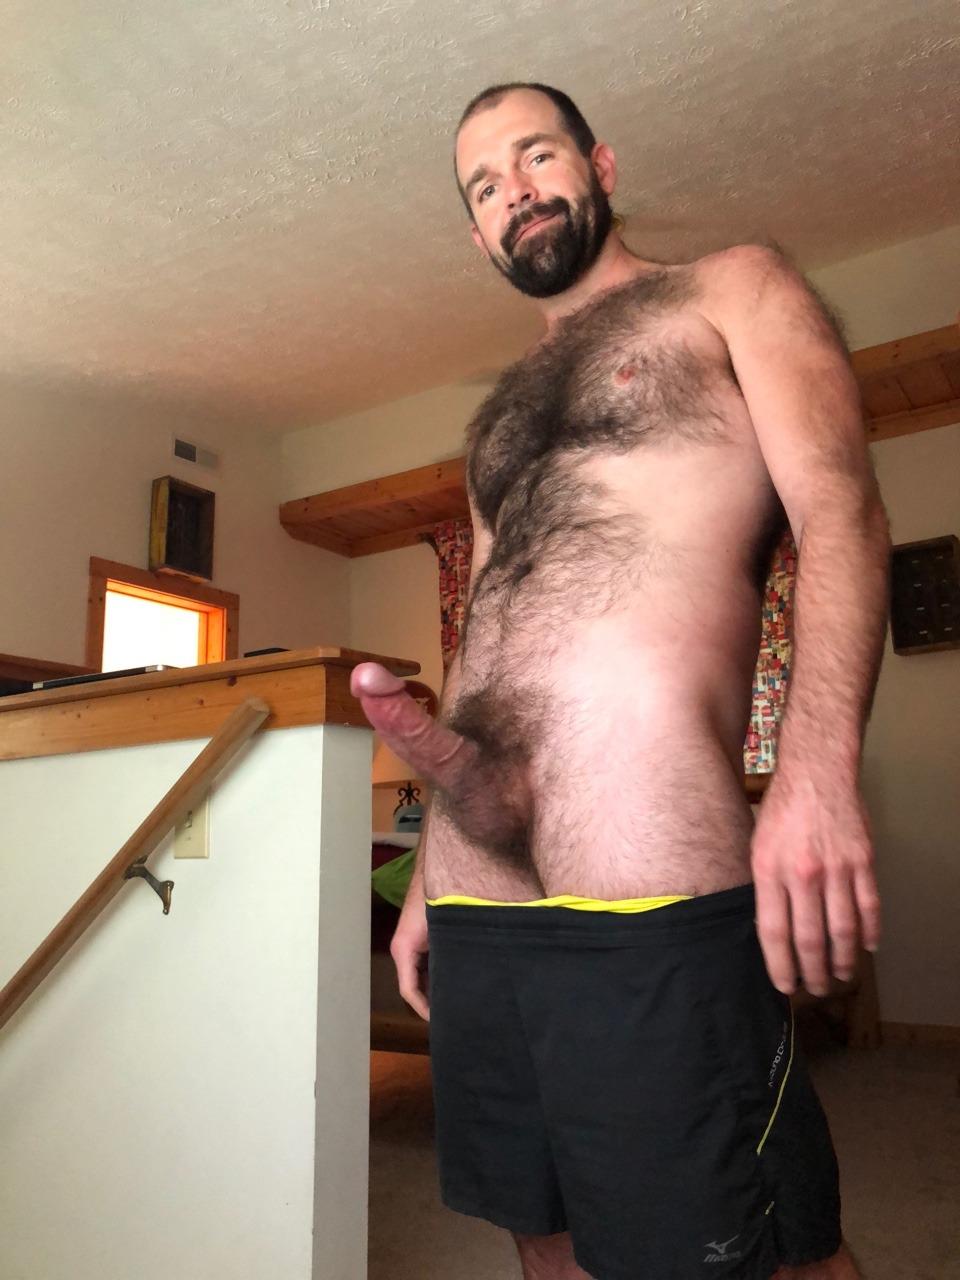 chubby bears pic